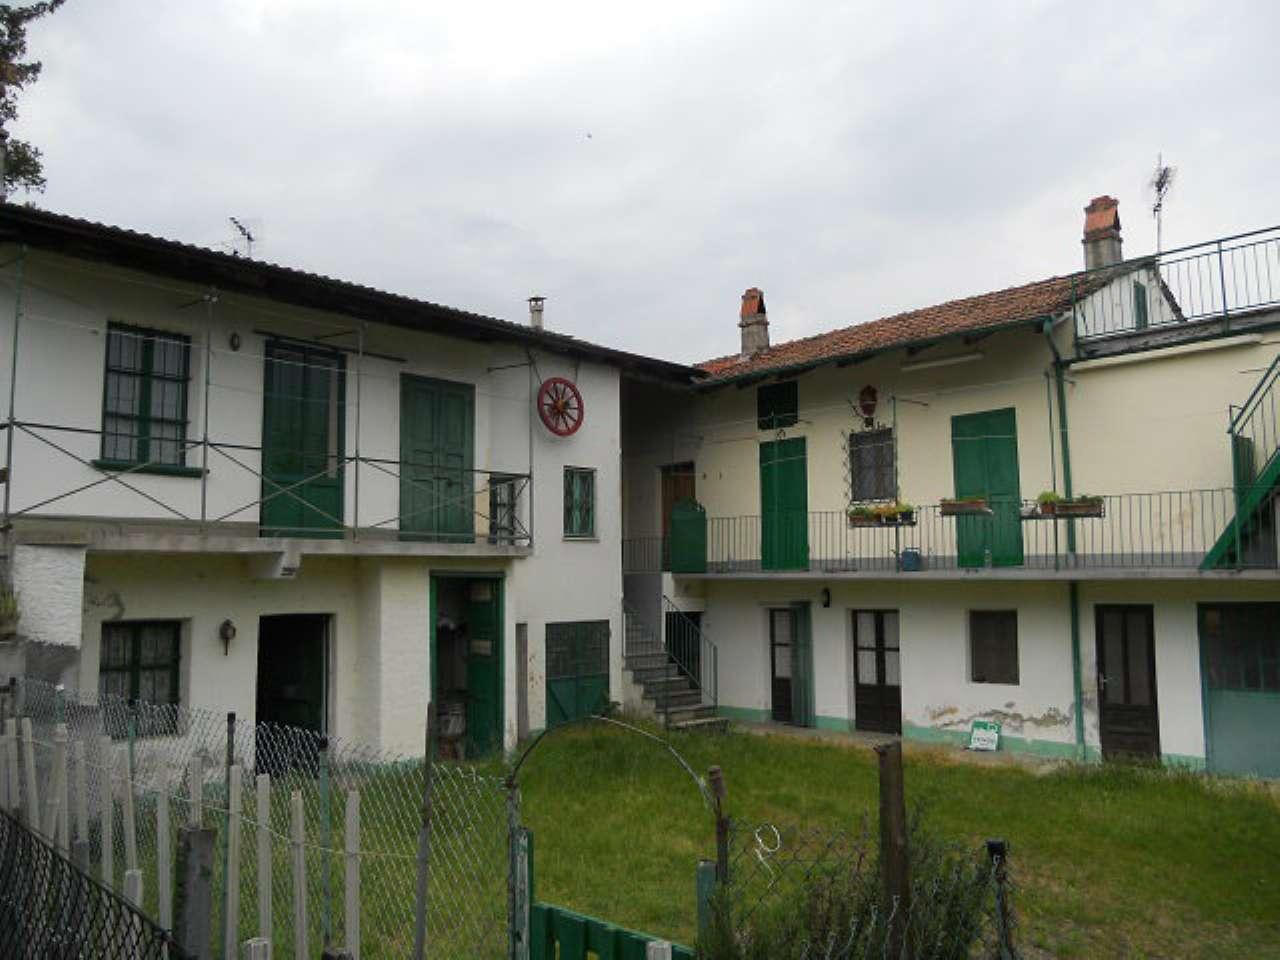 Bussoleno Vendita CASALE / RUSTICO / CASA / CASCINA Immagine 2